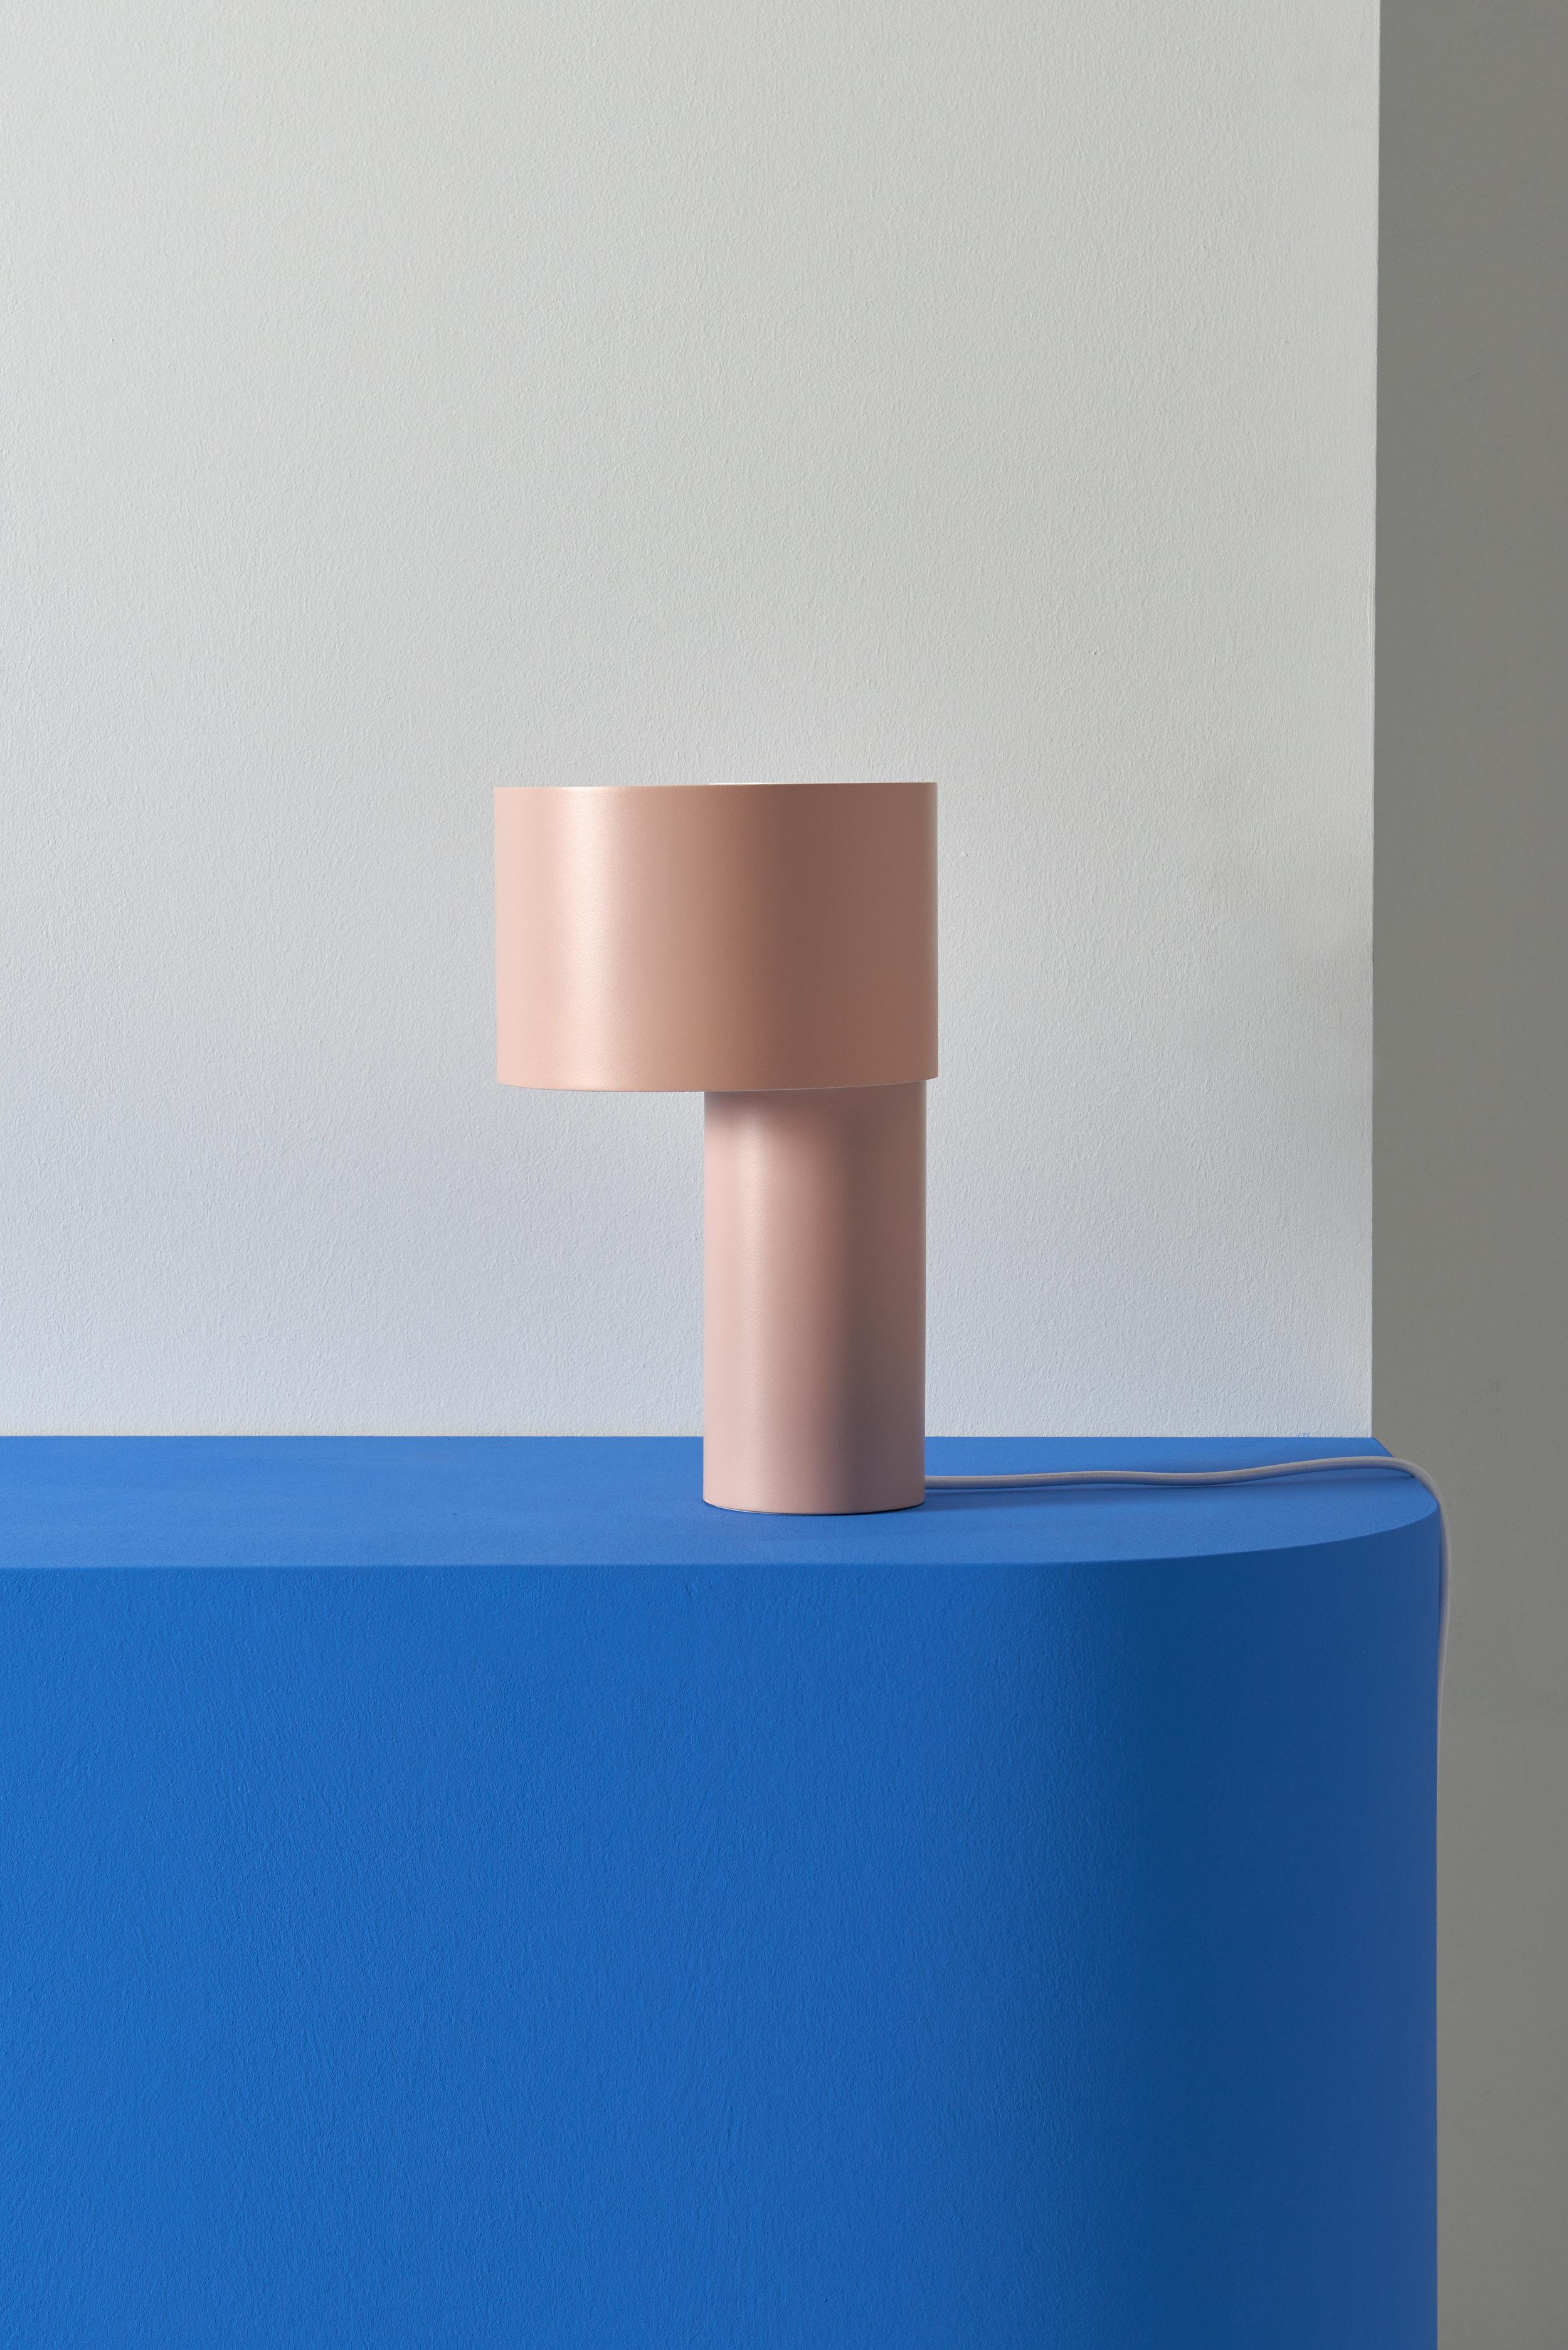 TANGENT_TABLE_LAMP_Frederik_Kurzweg_04.jpg